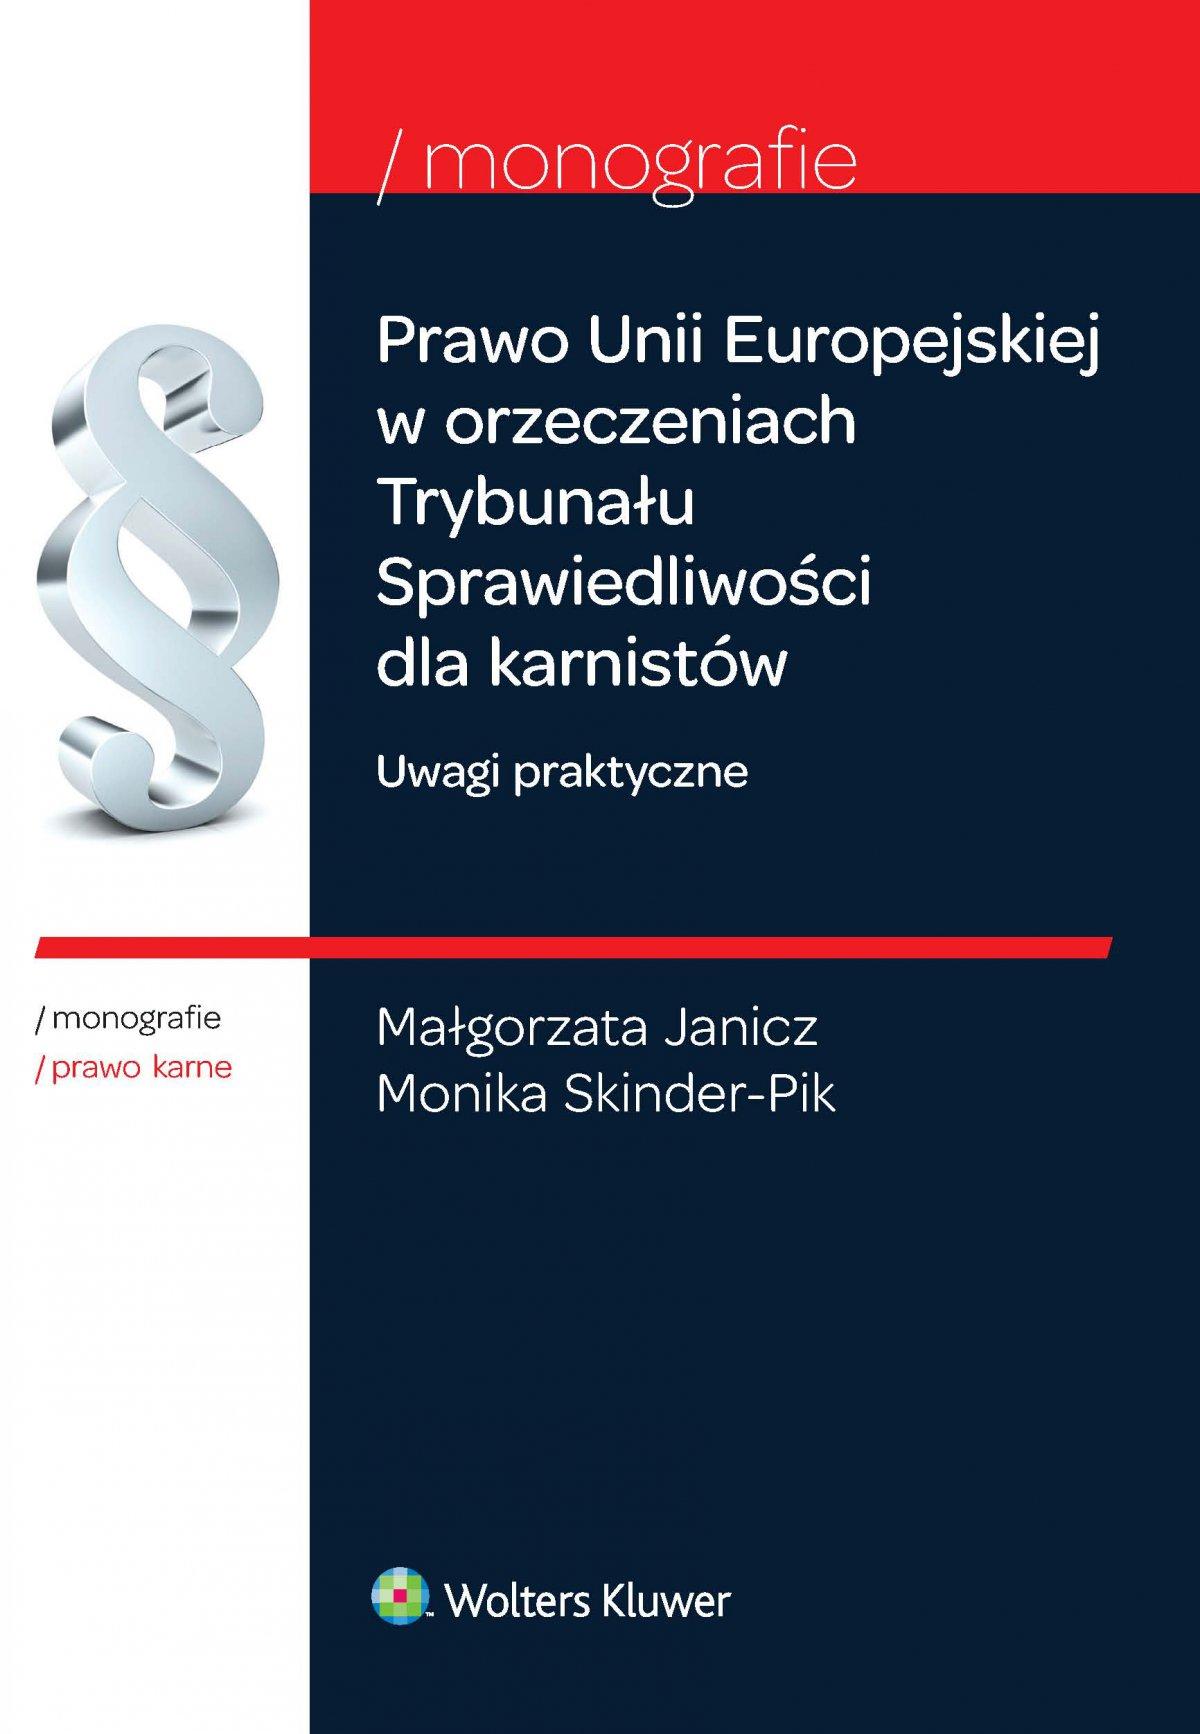 Prawo Unii Europejskiej w orzeczeniach Trybunału Sprawiedliwości dla karnistów. Uwagi praktyczne. Wydanie 1 - Ebook (Książka EPUB) do pobrania w formacie EPUB